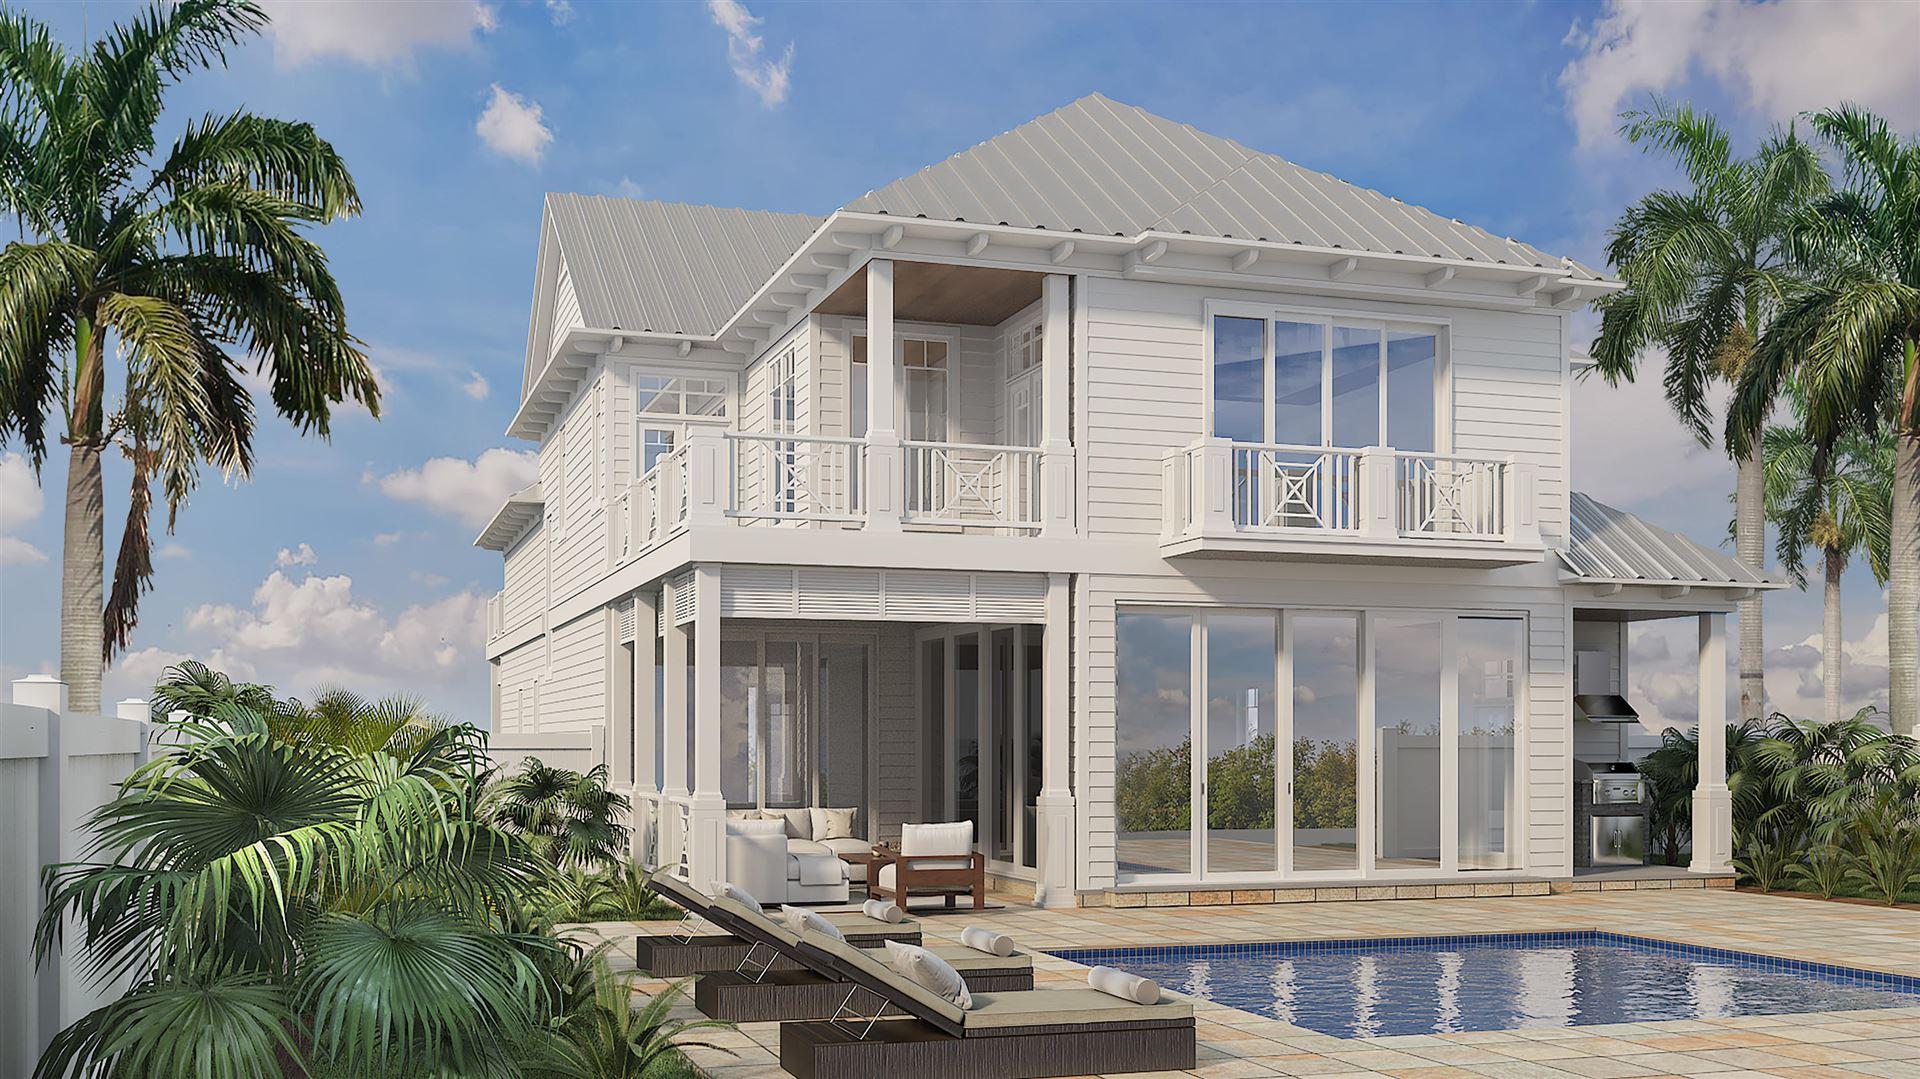 2495 N Highway A1a Highway N #Estate Home 29, Fort Pierce, FL 34982 - MLS#: RX-10692266